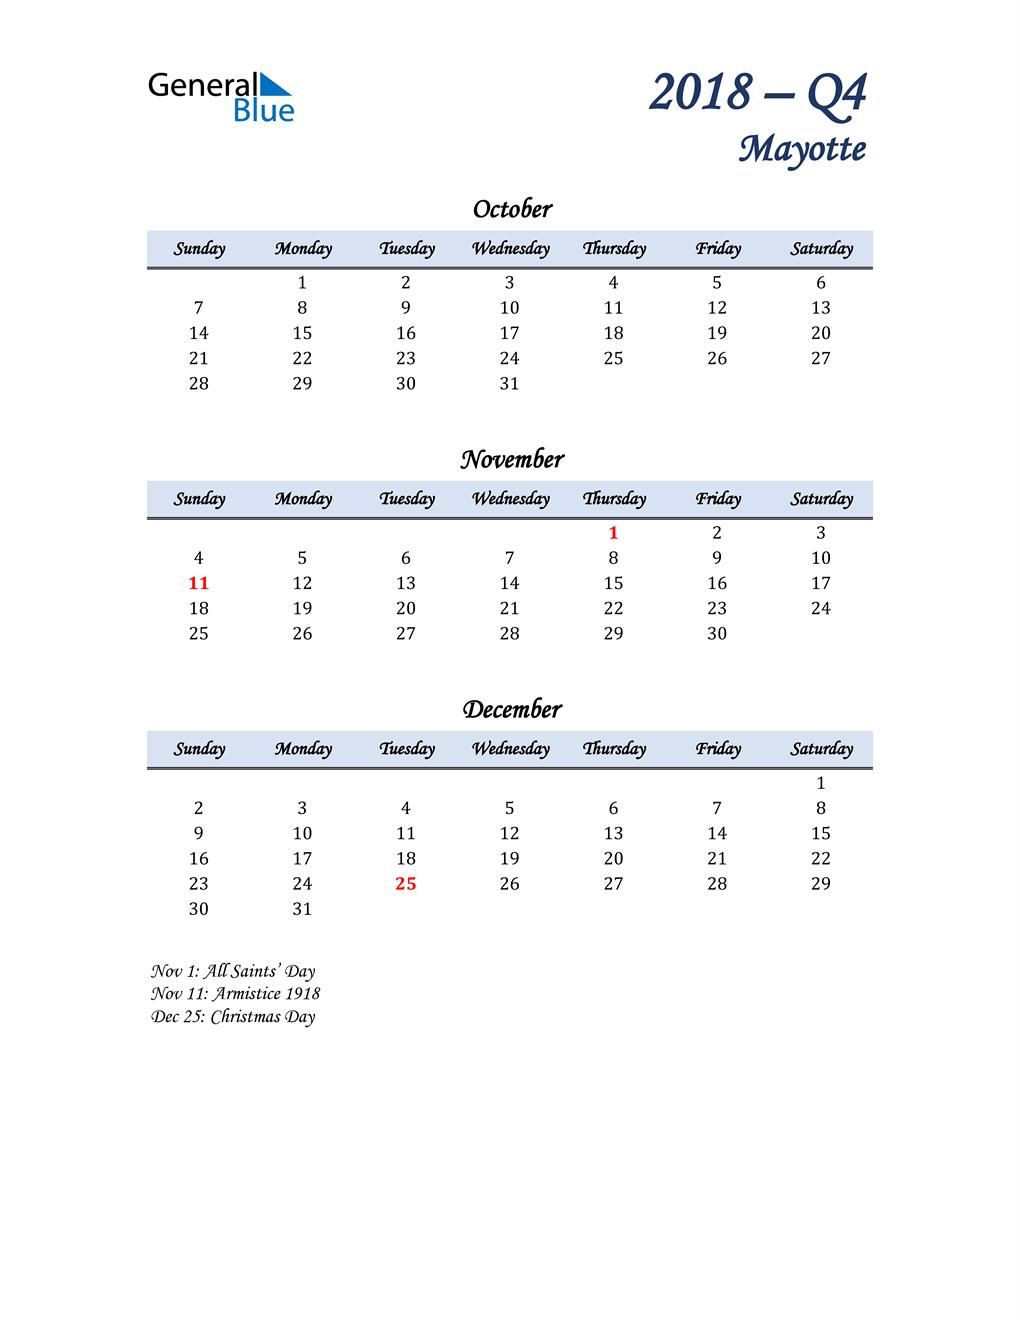 October, November, and December Calendar for Mayotte